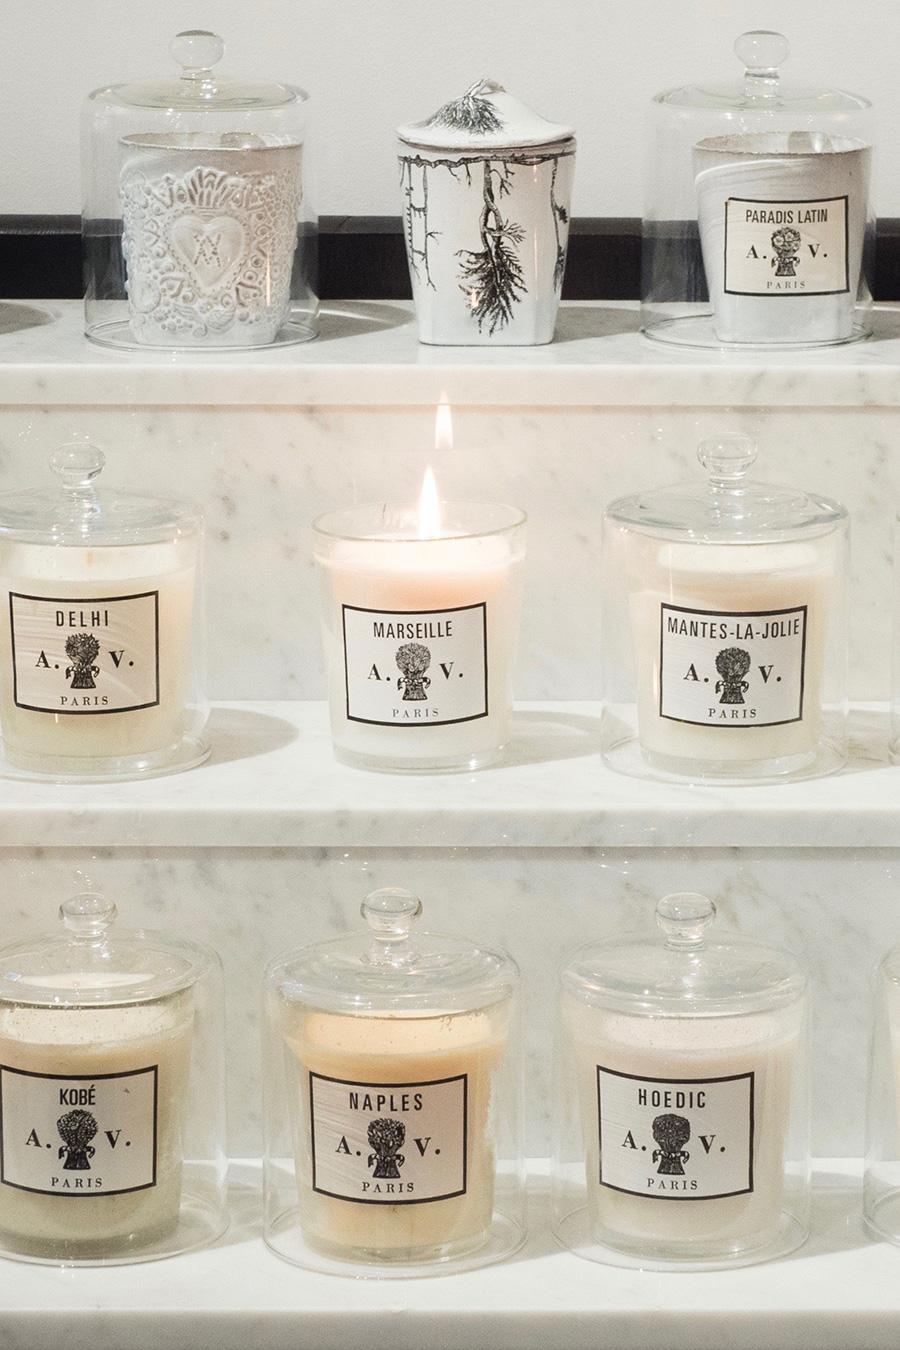 ガラス製キャンドルクロッシェ  ¥9,000  グラスキャンドルに被せておけば、埃が入らず新鮮な香りを閉じ込めておける。